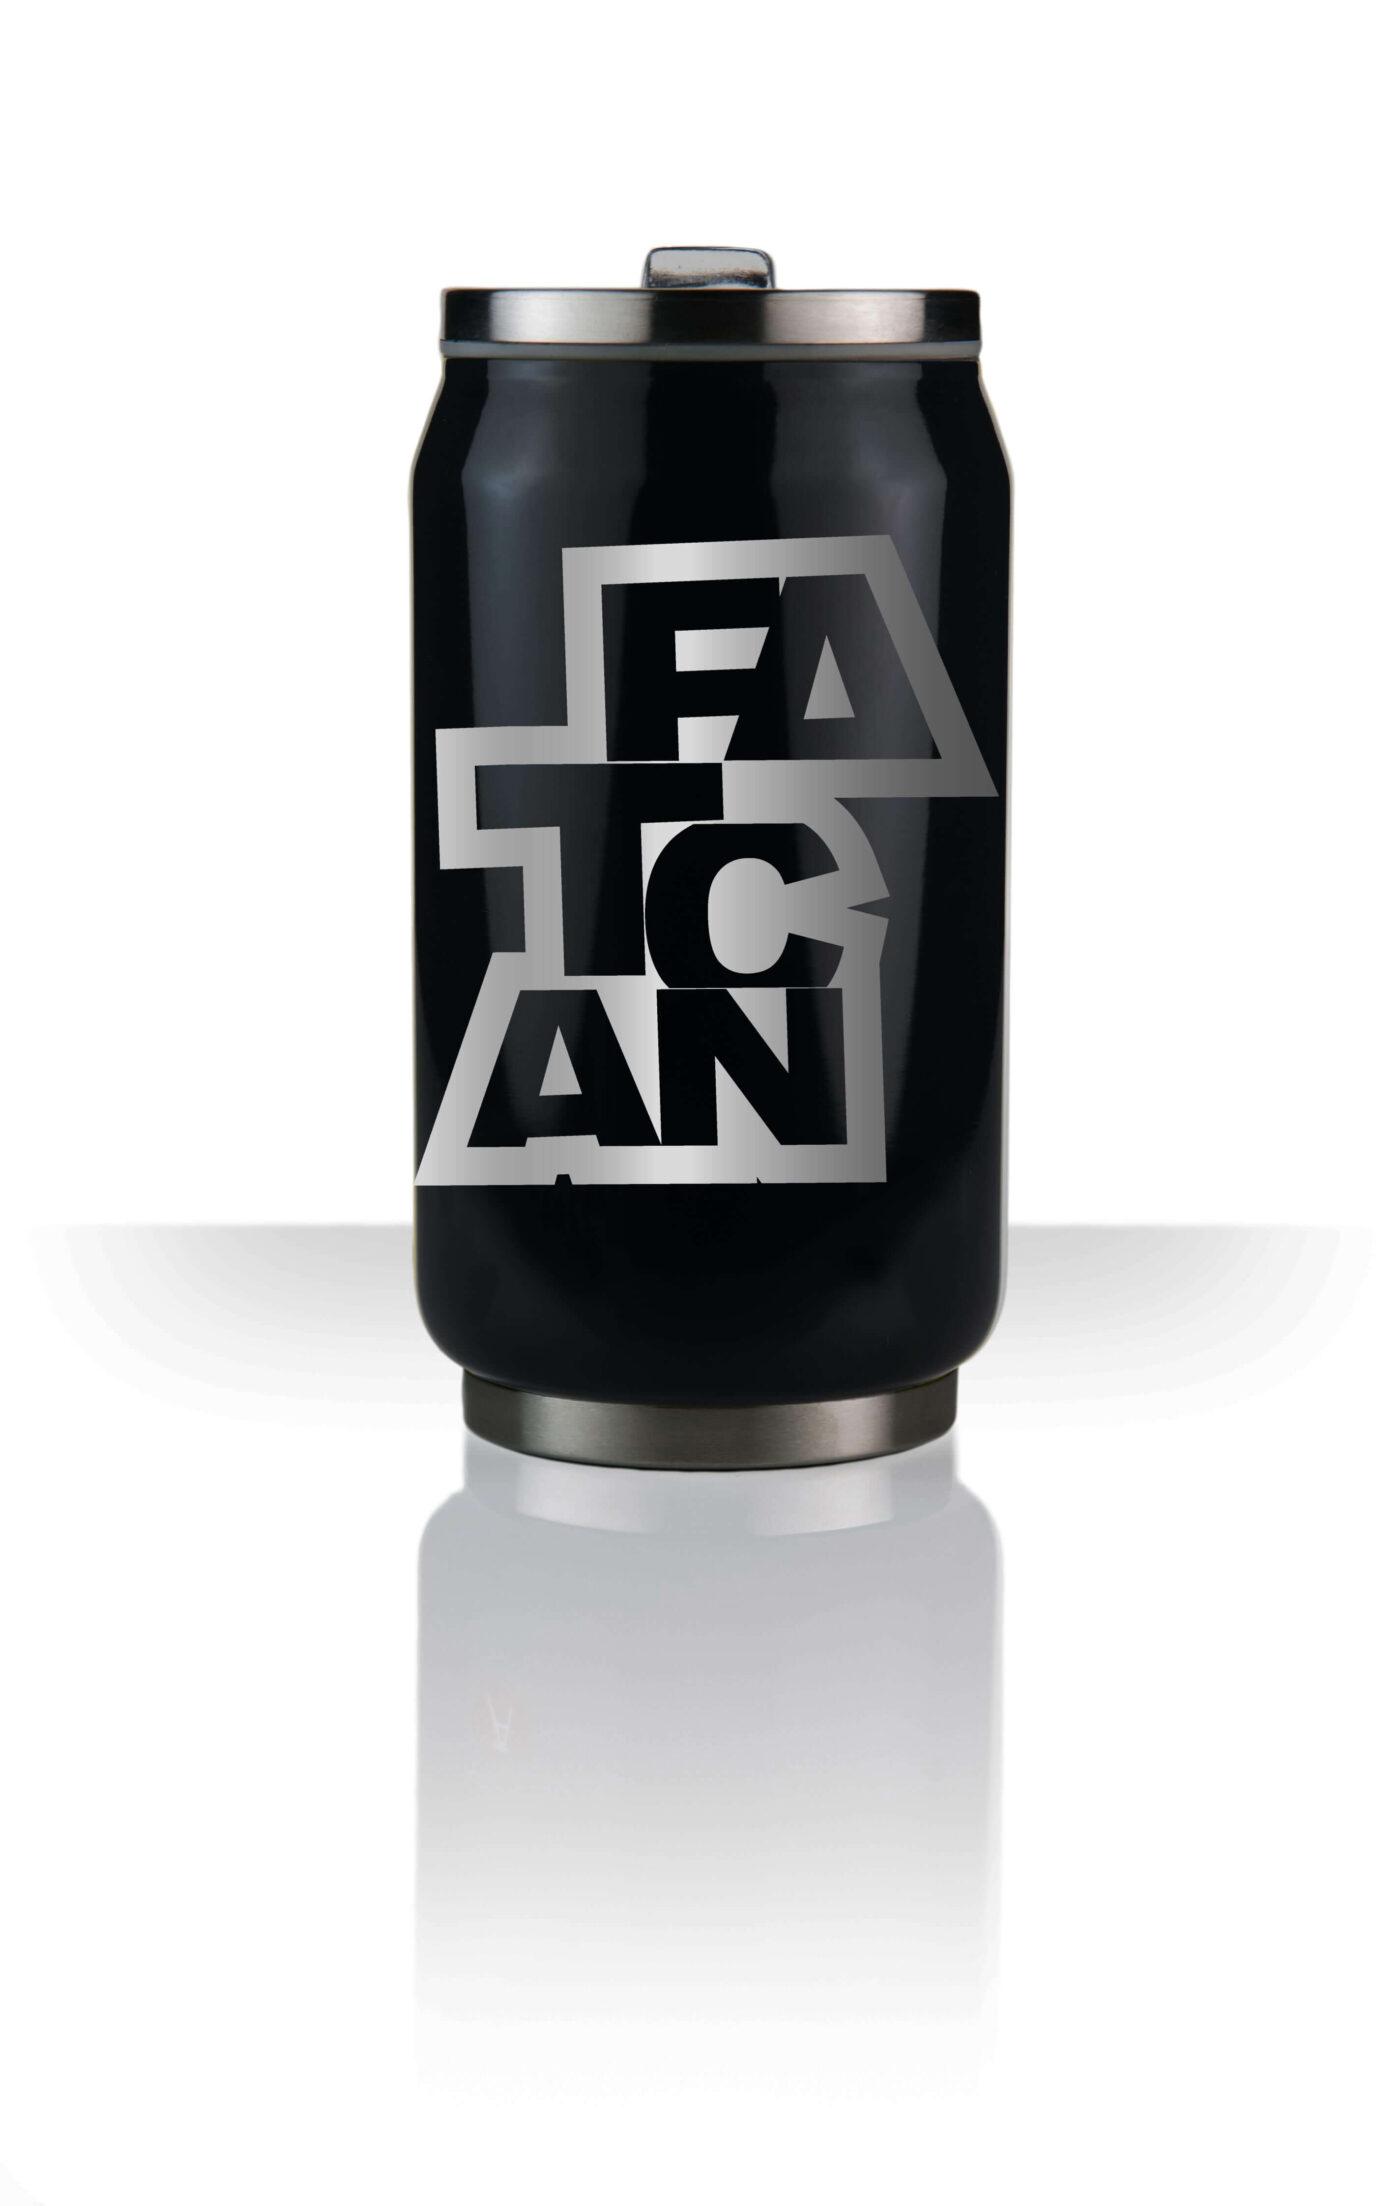 FATCAN_blackcurrant_025